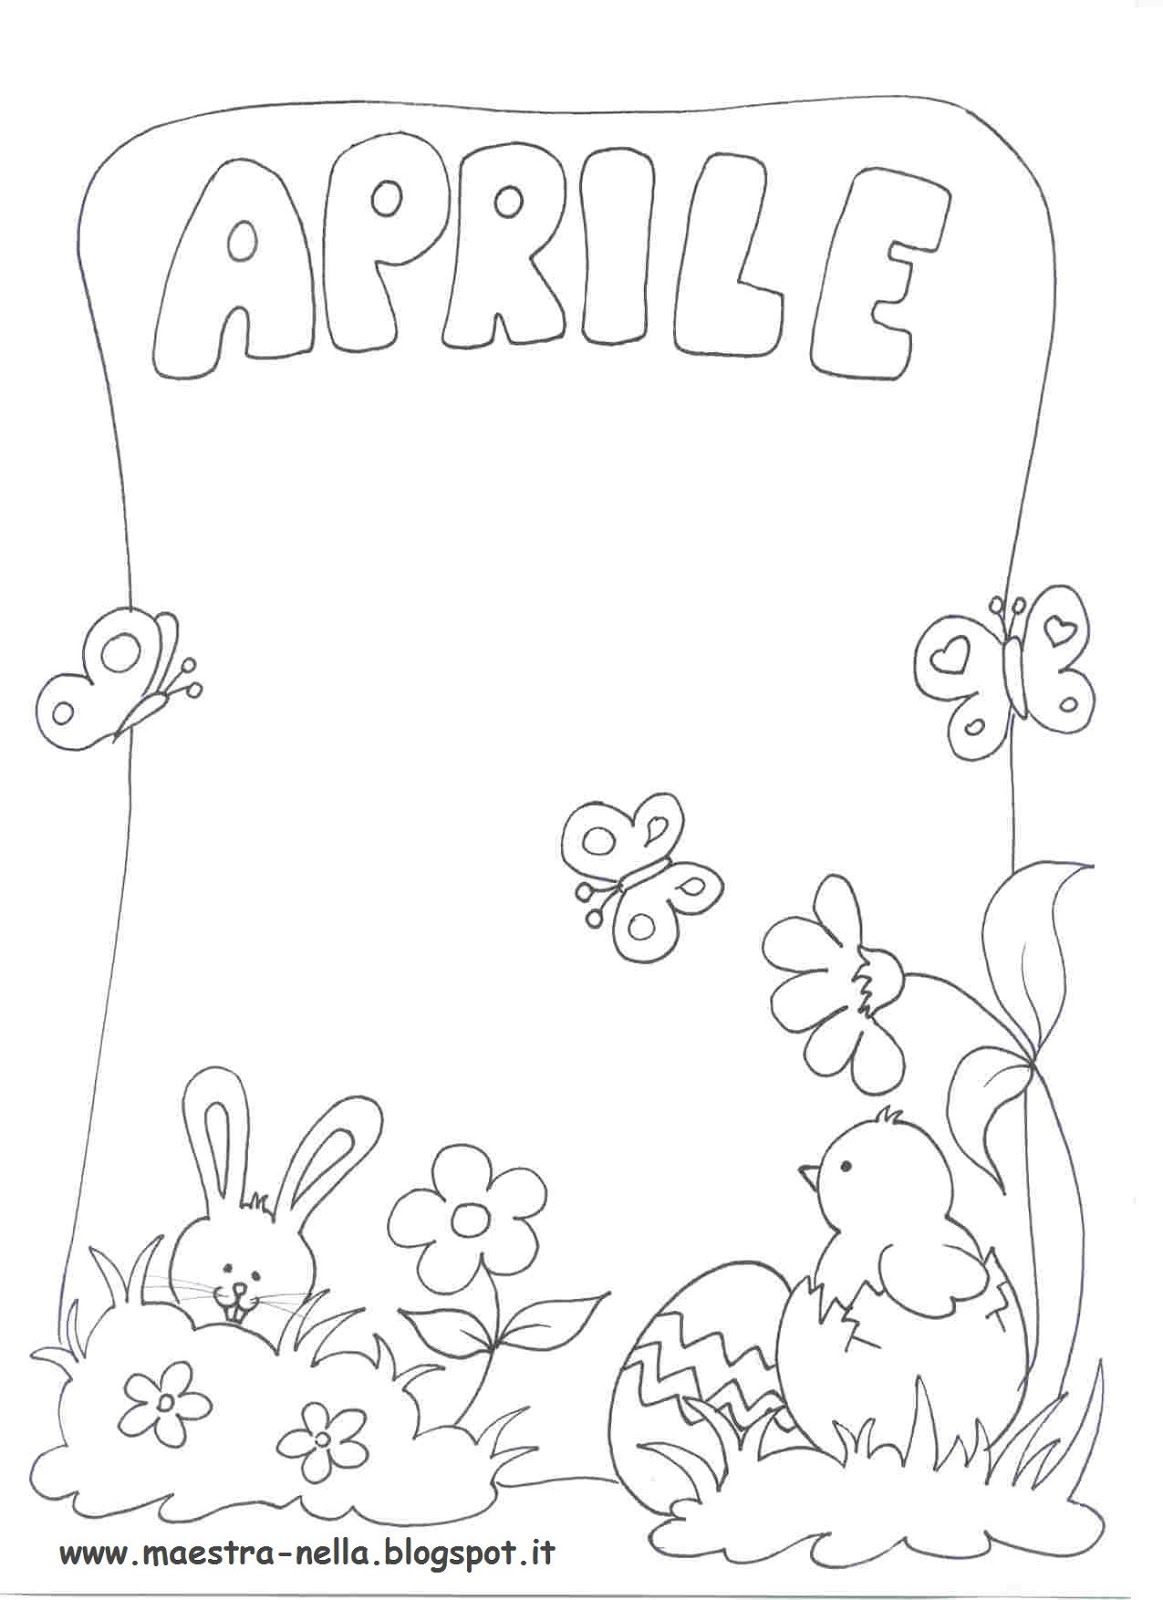 disegni per bambini da colorare gratis barbie